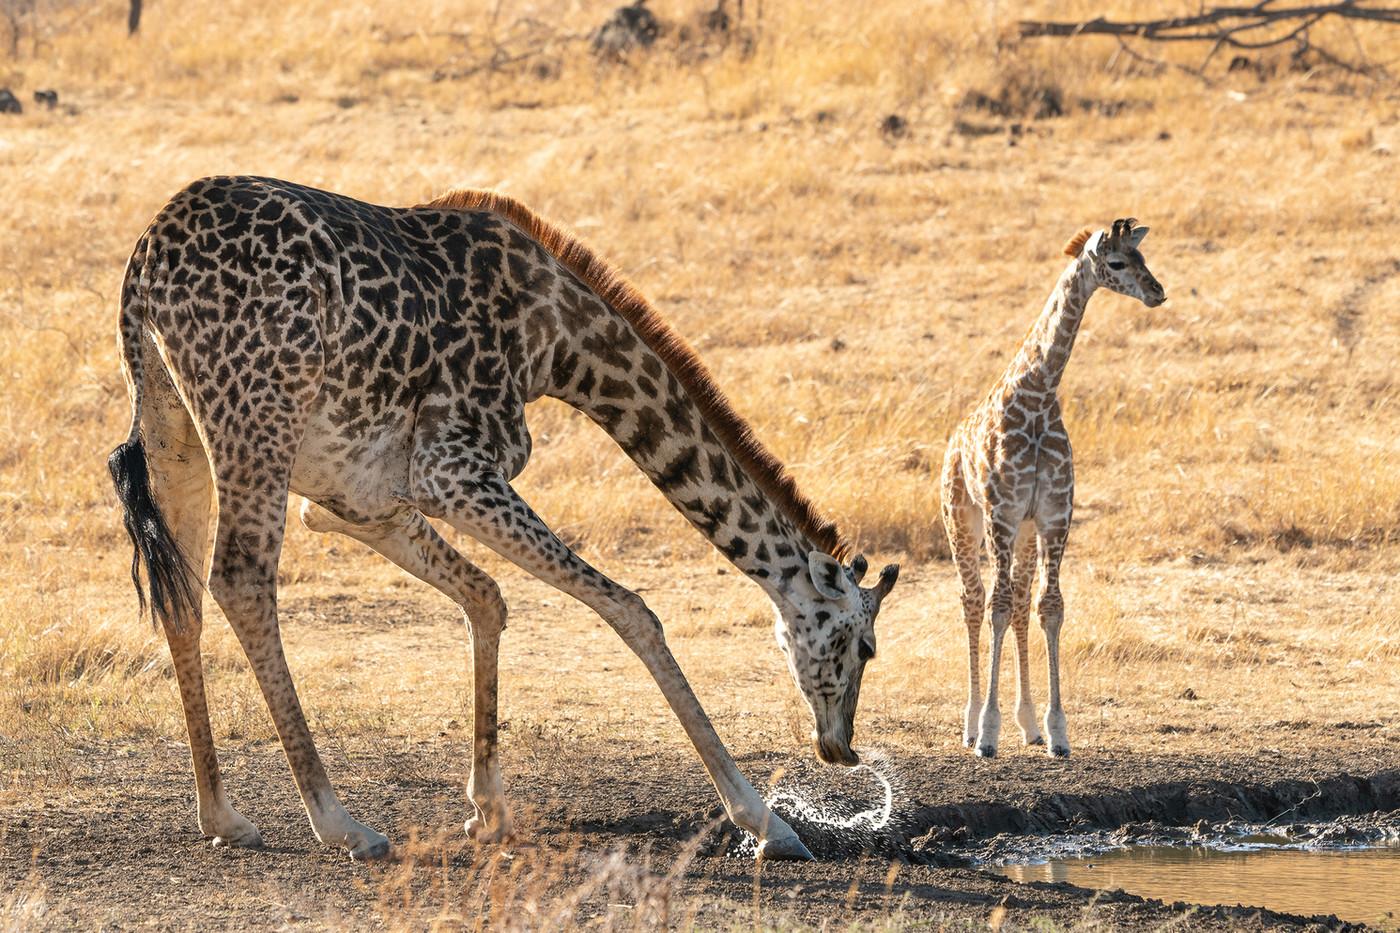 Giraffe & foal in Mwiba Reserve, Tanzania